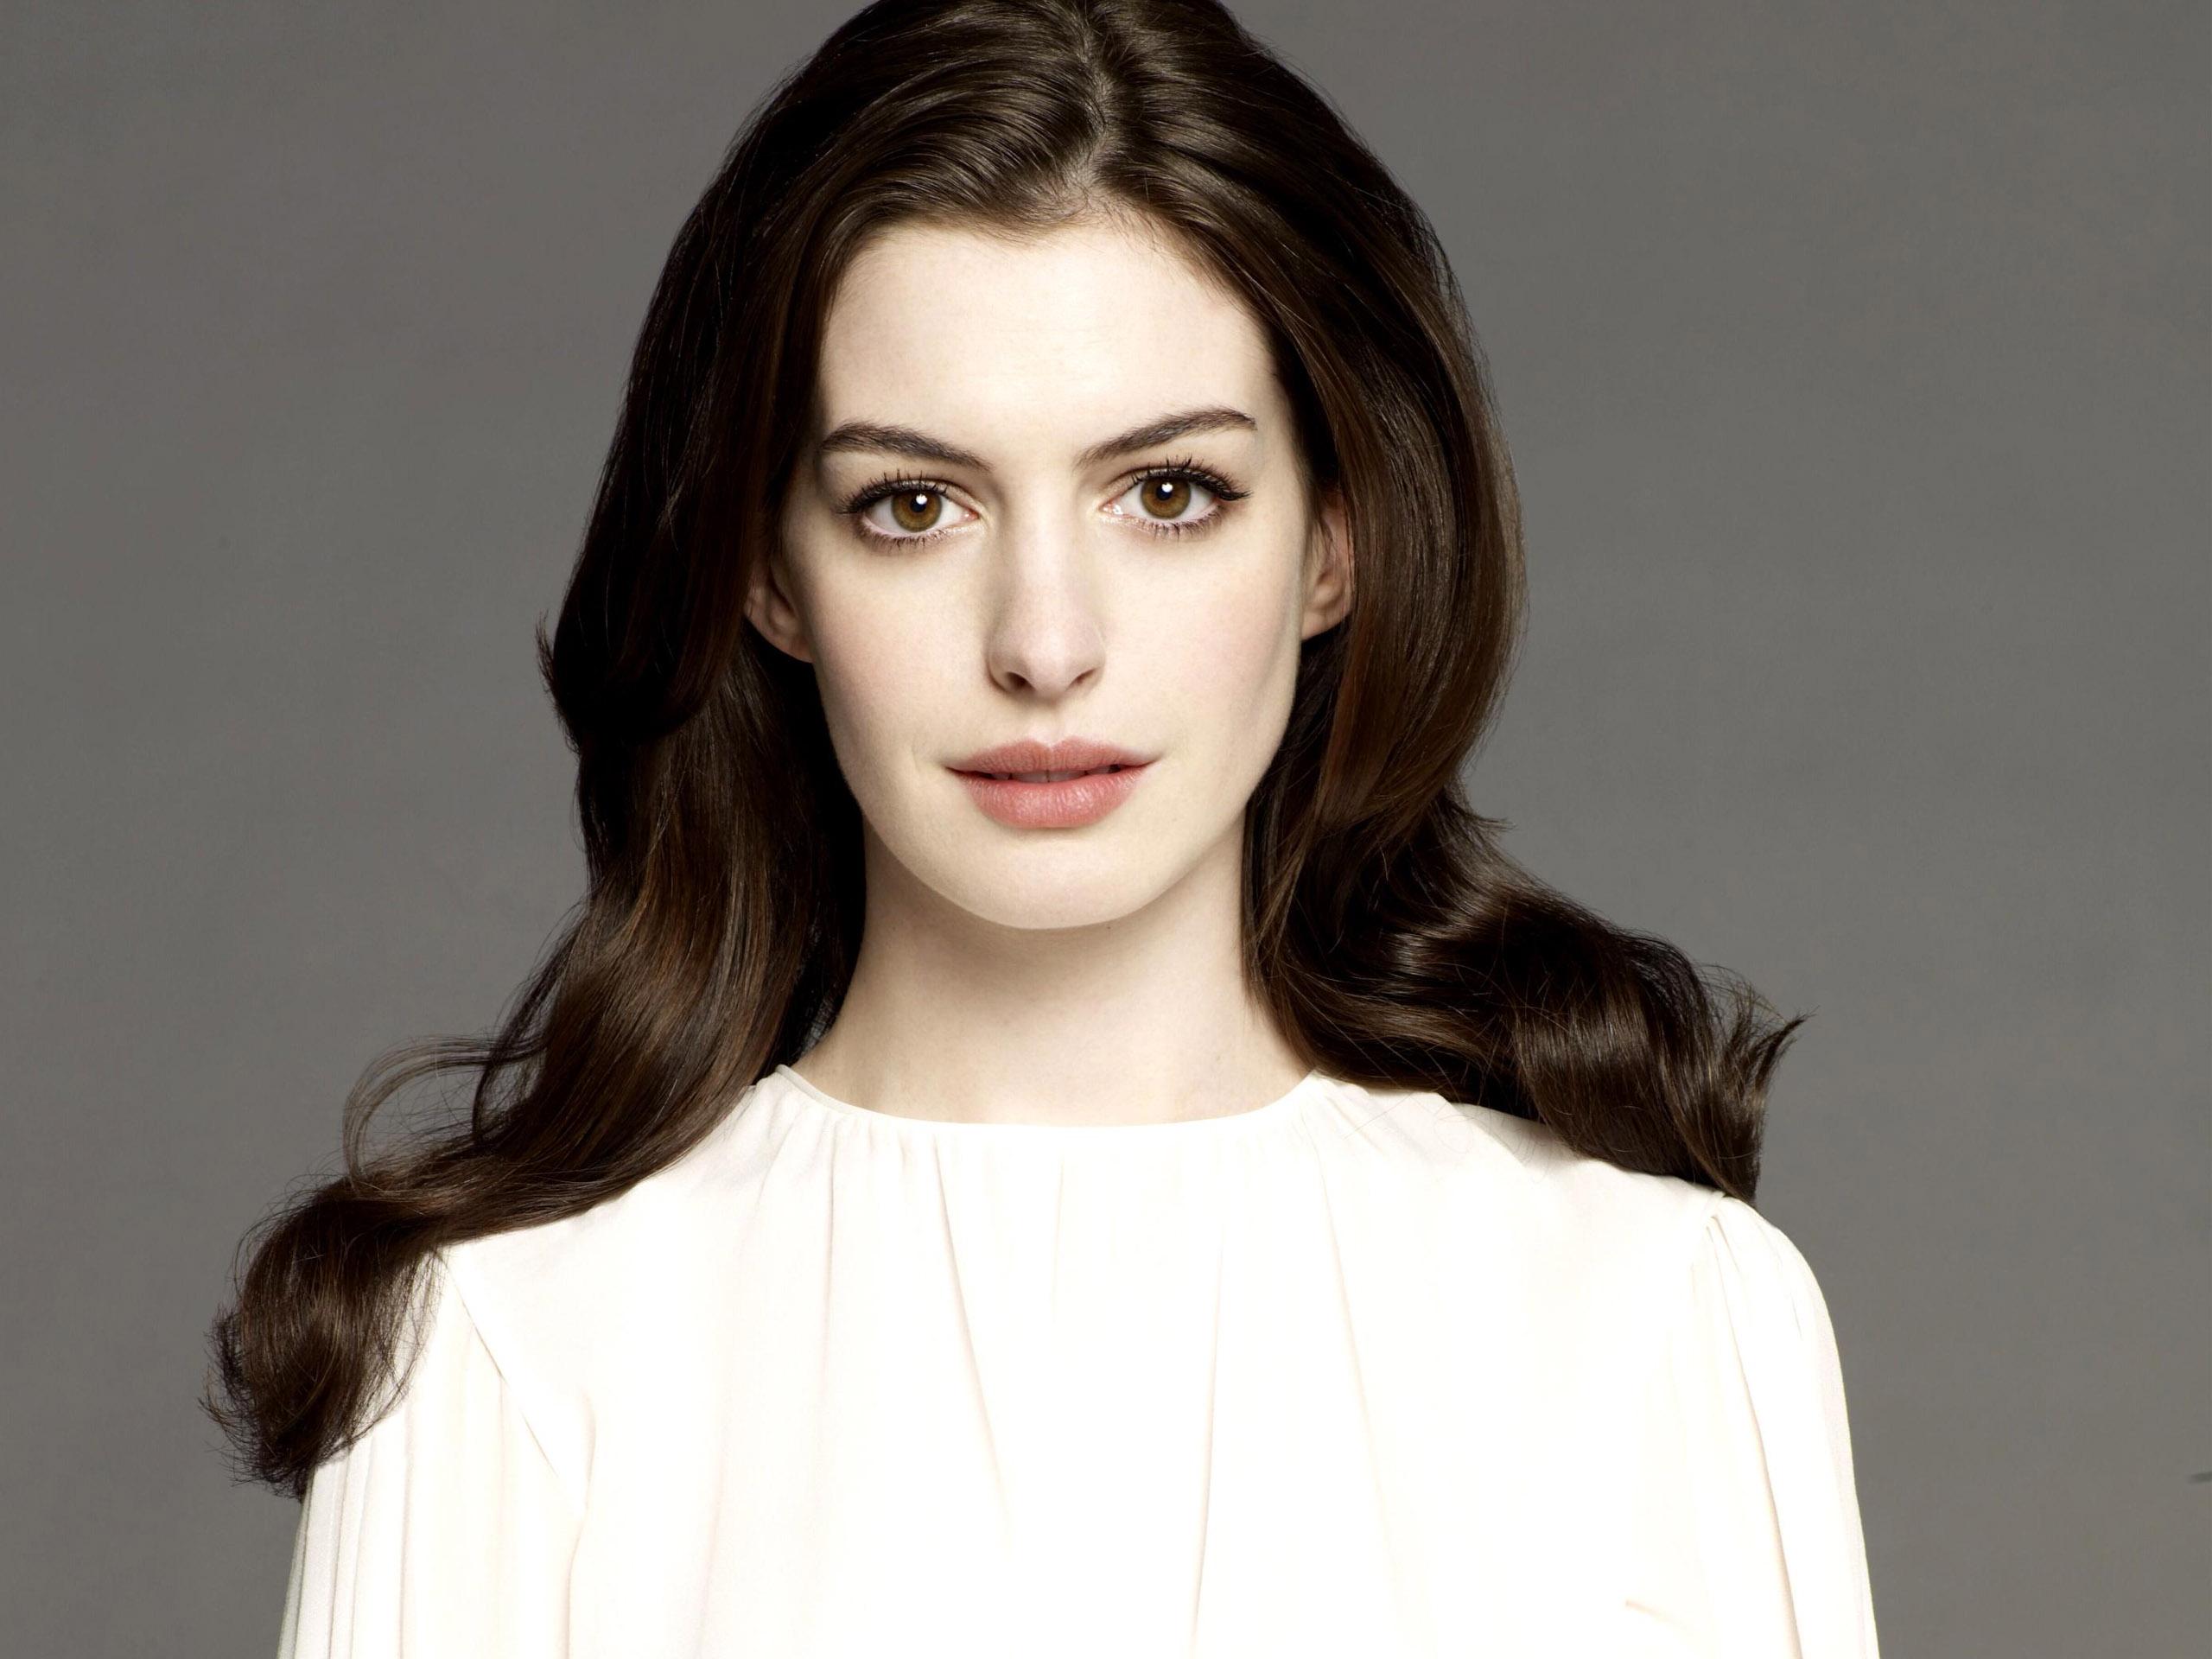 Anne-Hathaway-Pale-Skin